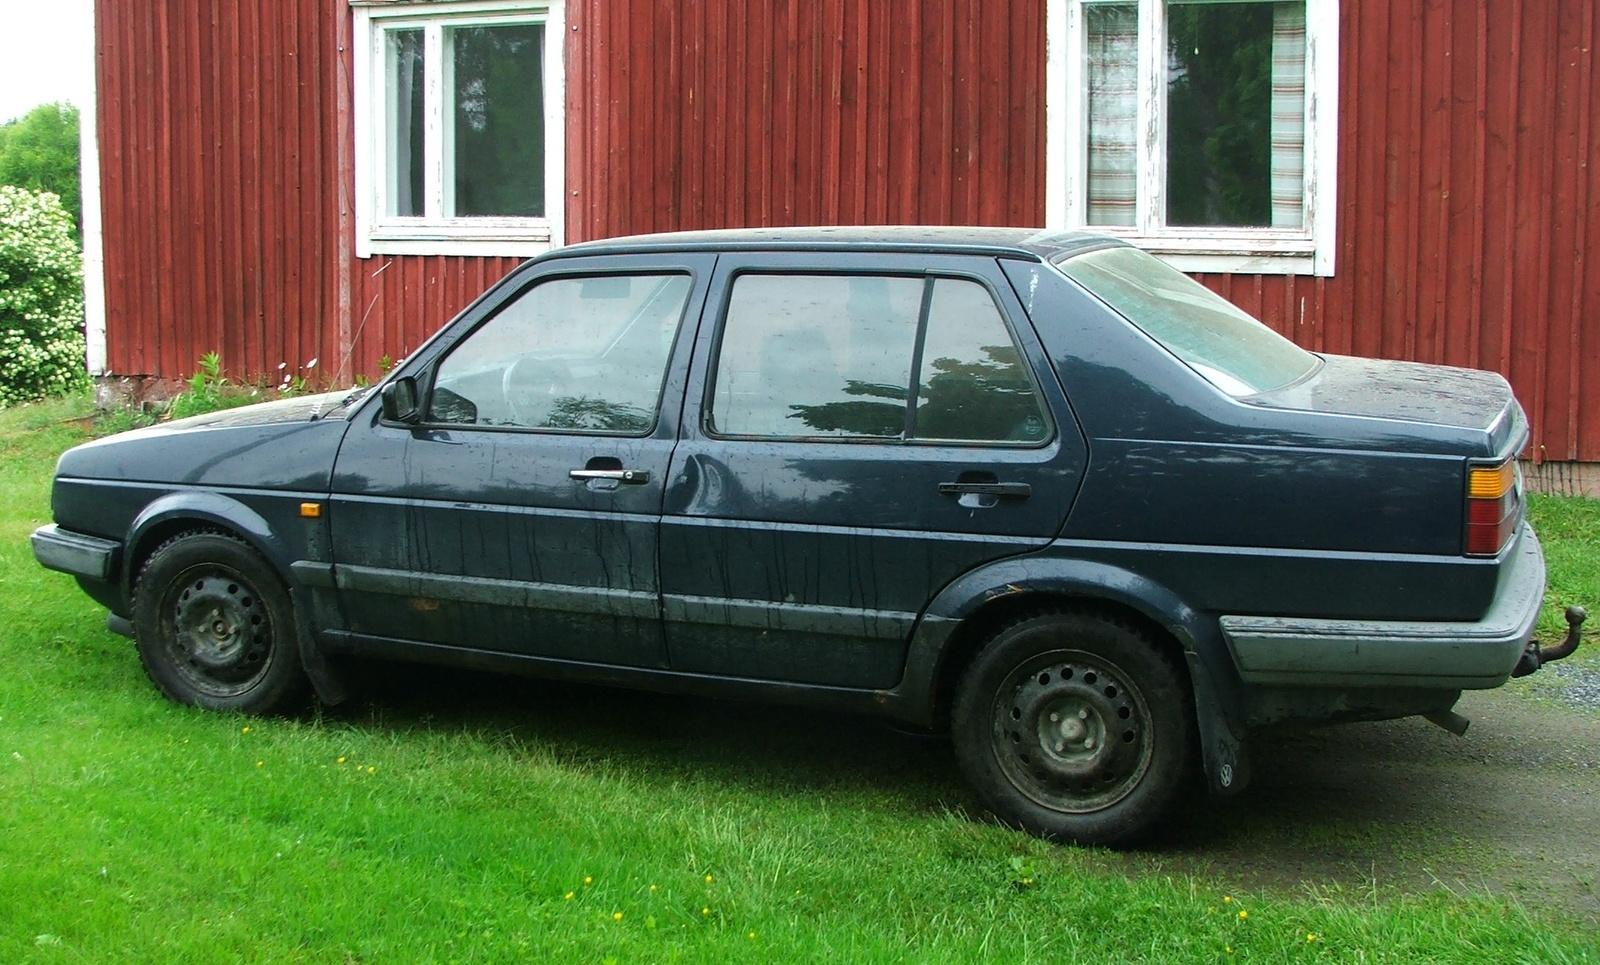 Фольксваген джетта 1987 фото